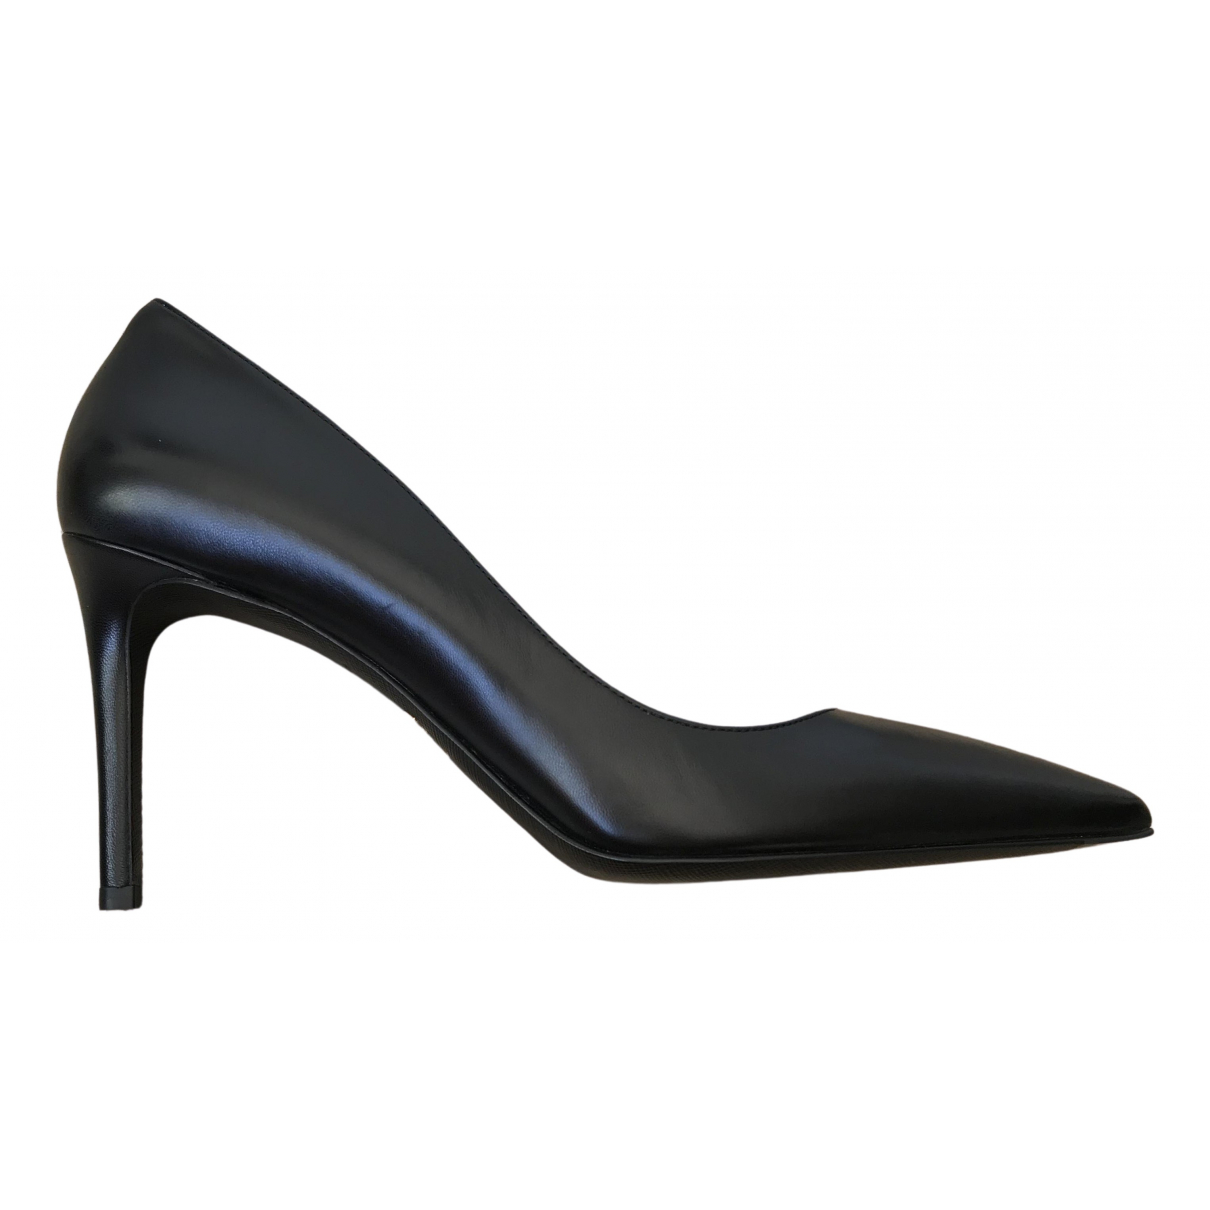 Prada N Black Leather Heels for Women 40.5 IT